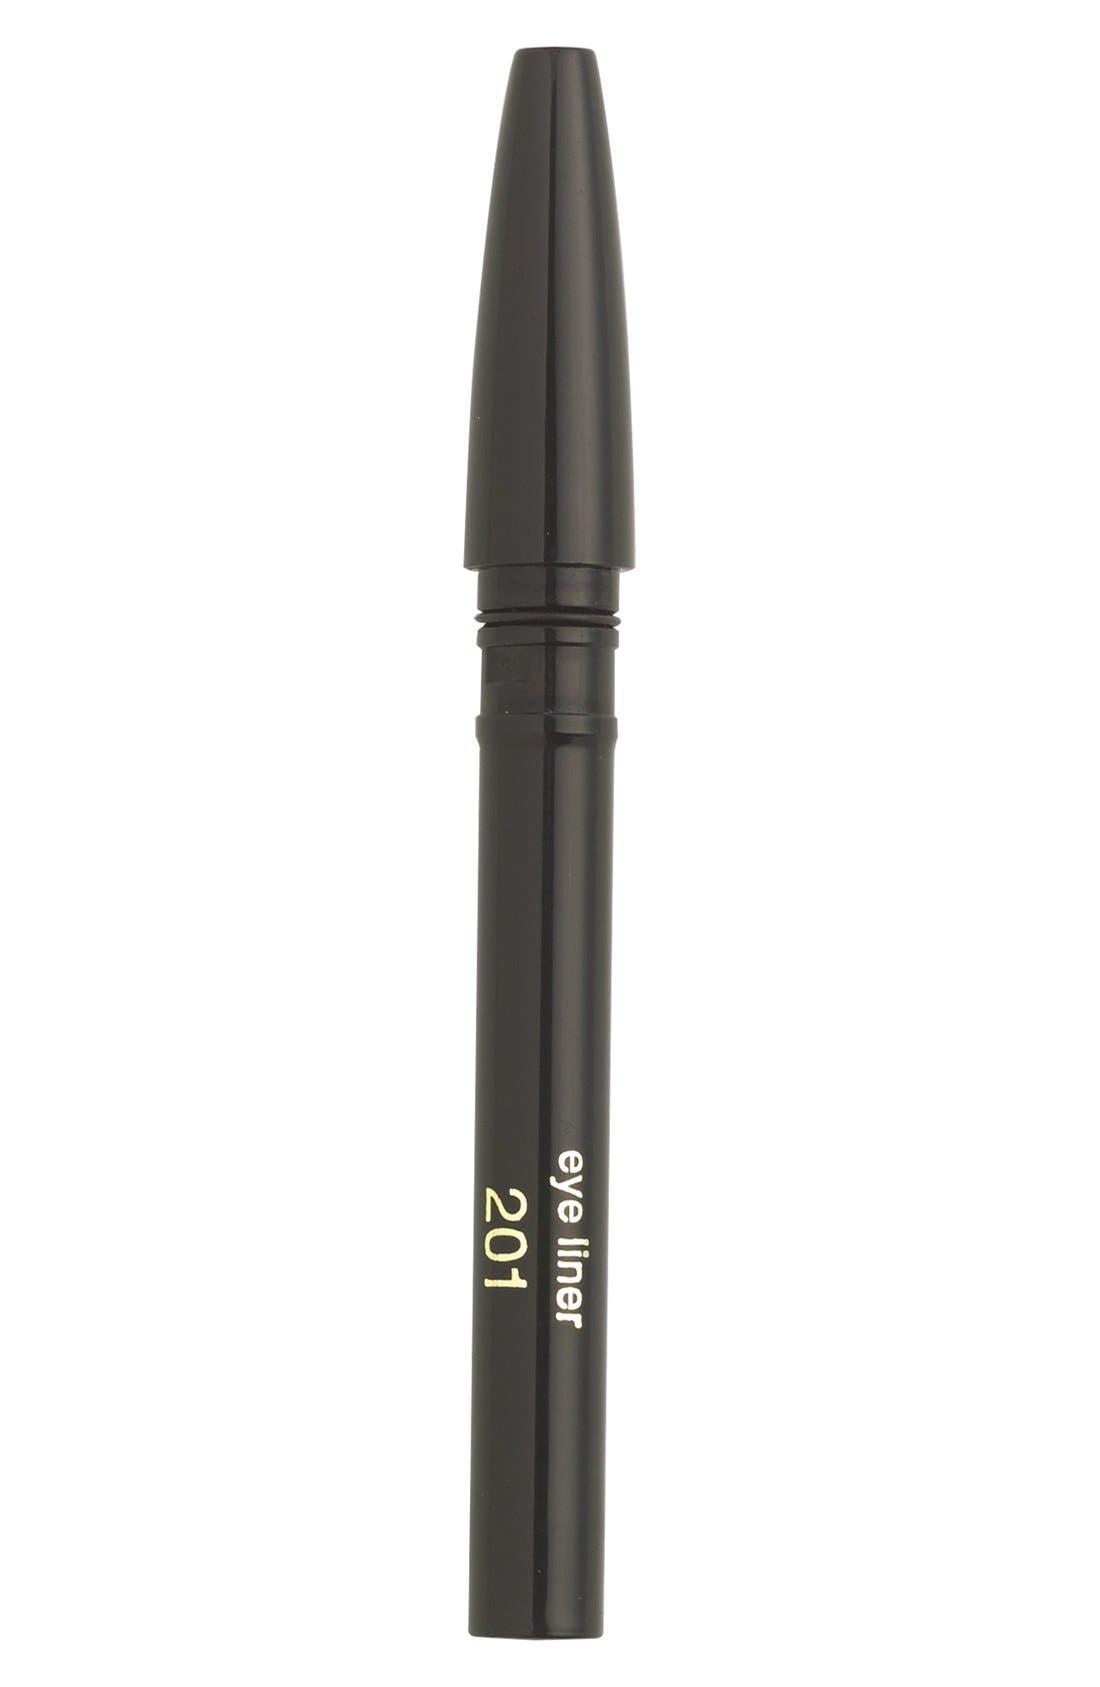 Cle De Peau Beaute Eyeliner Pencil Cartridge -